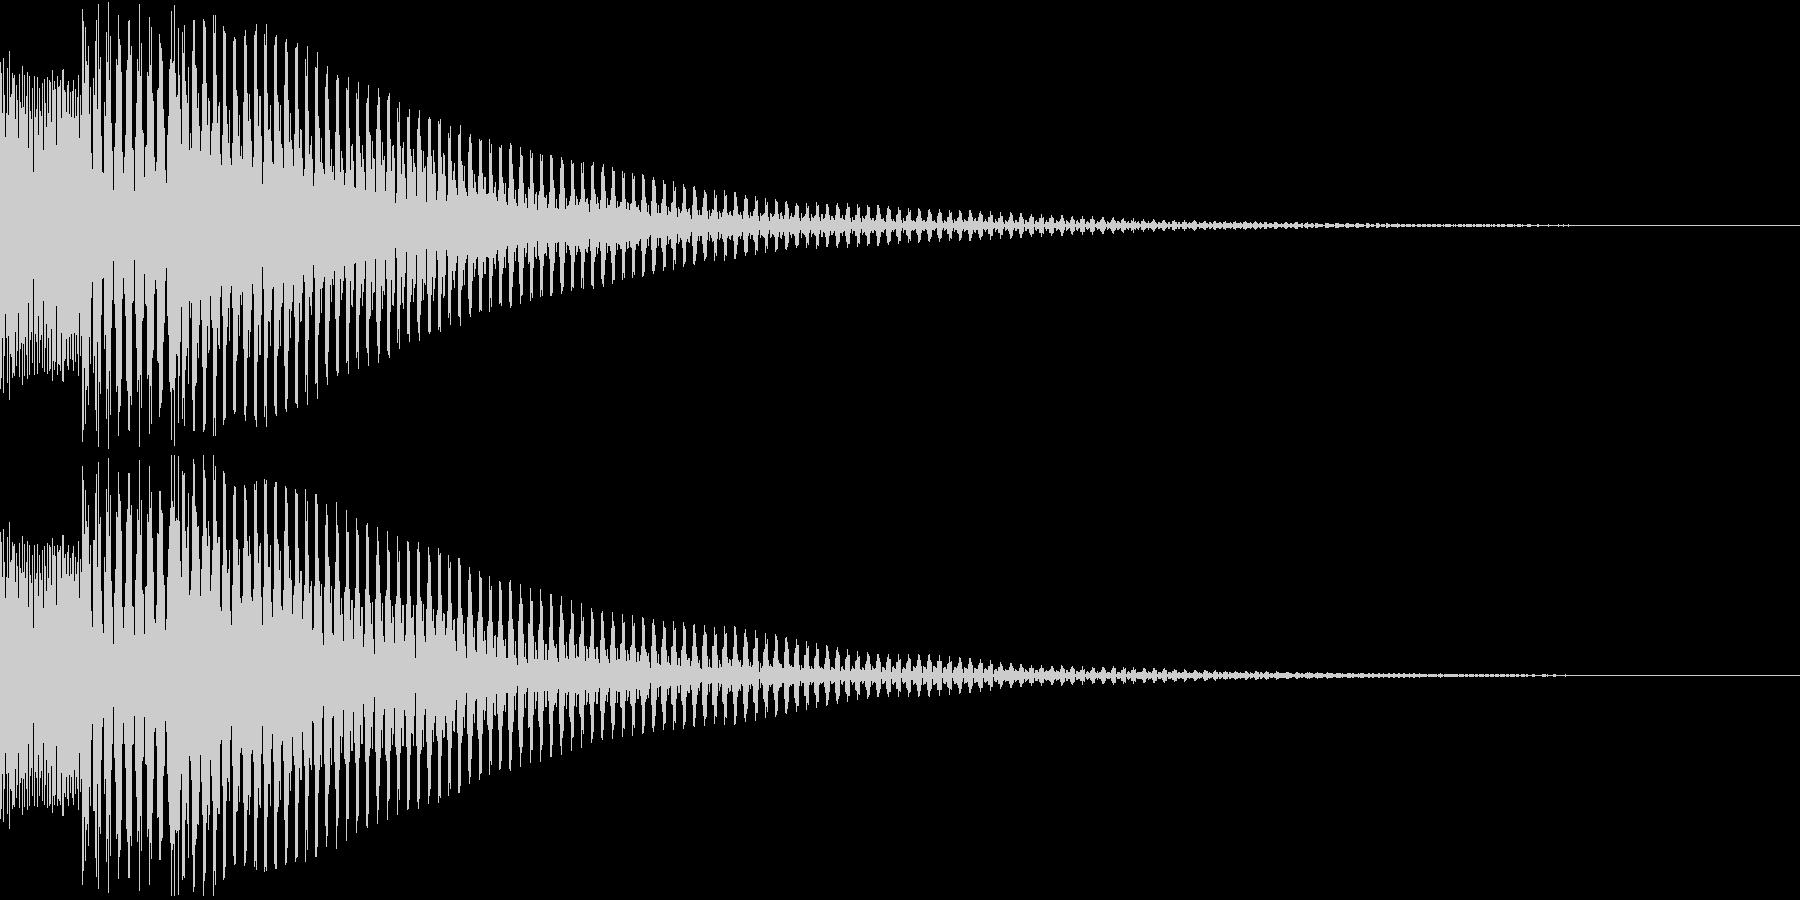 汎用性の高い、ボタン音、決定音の未再生の波形